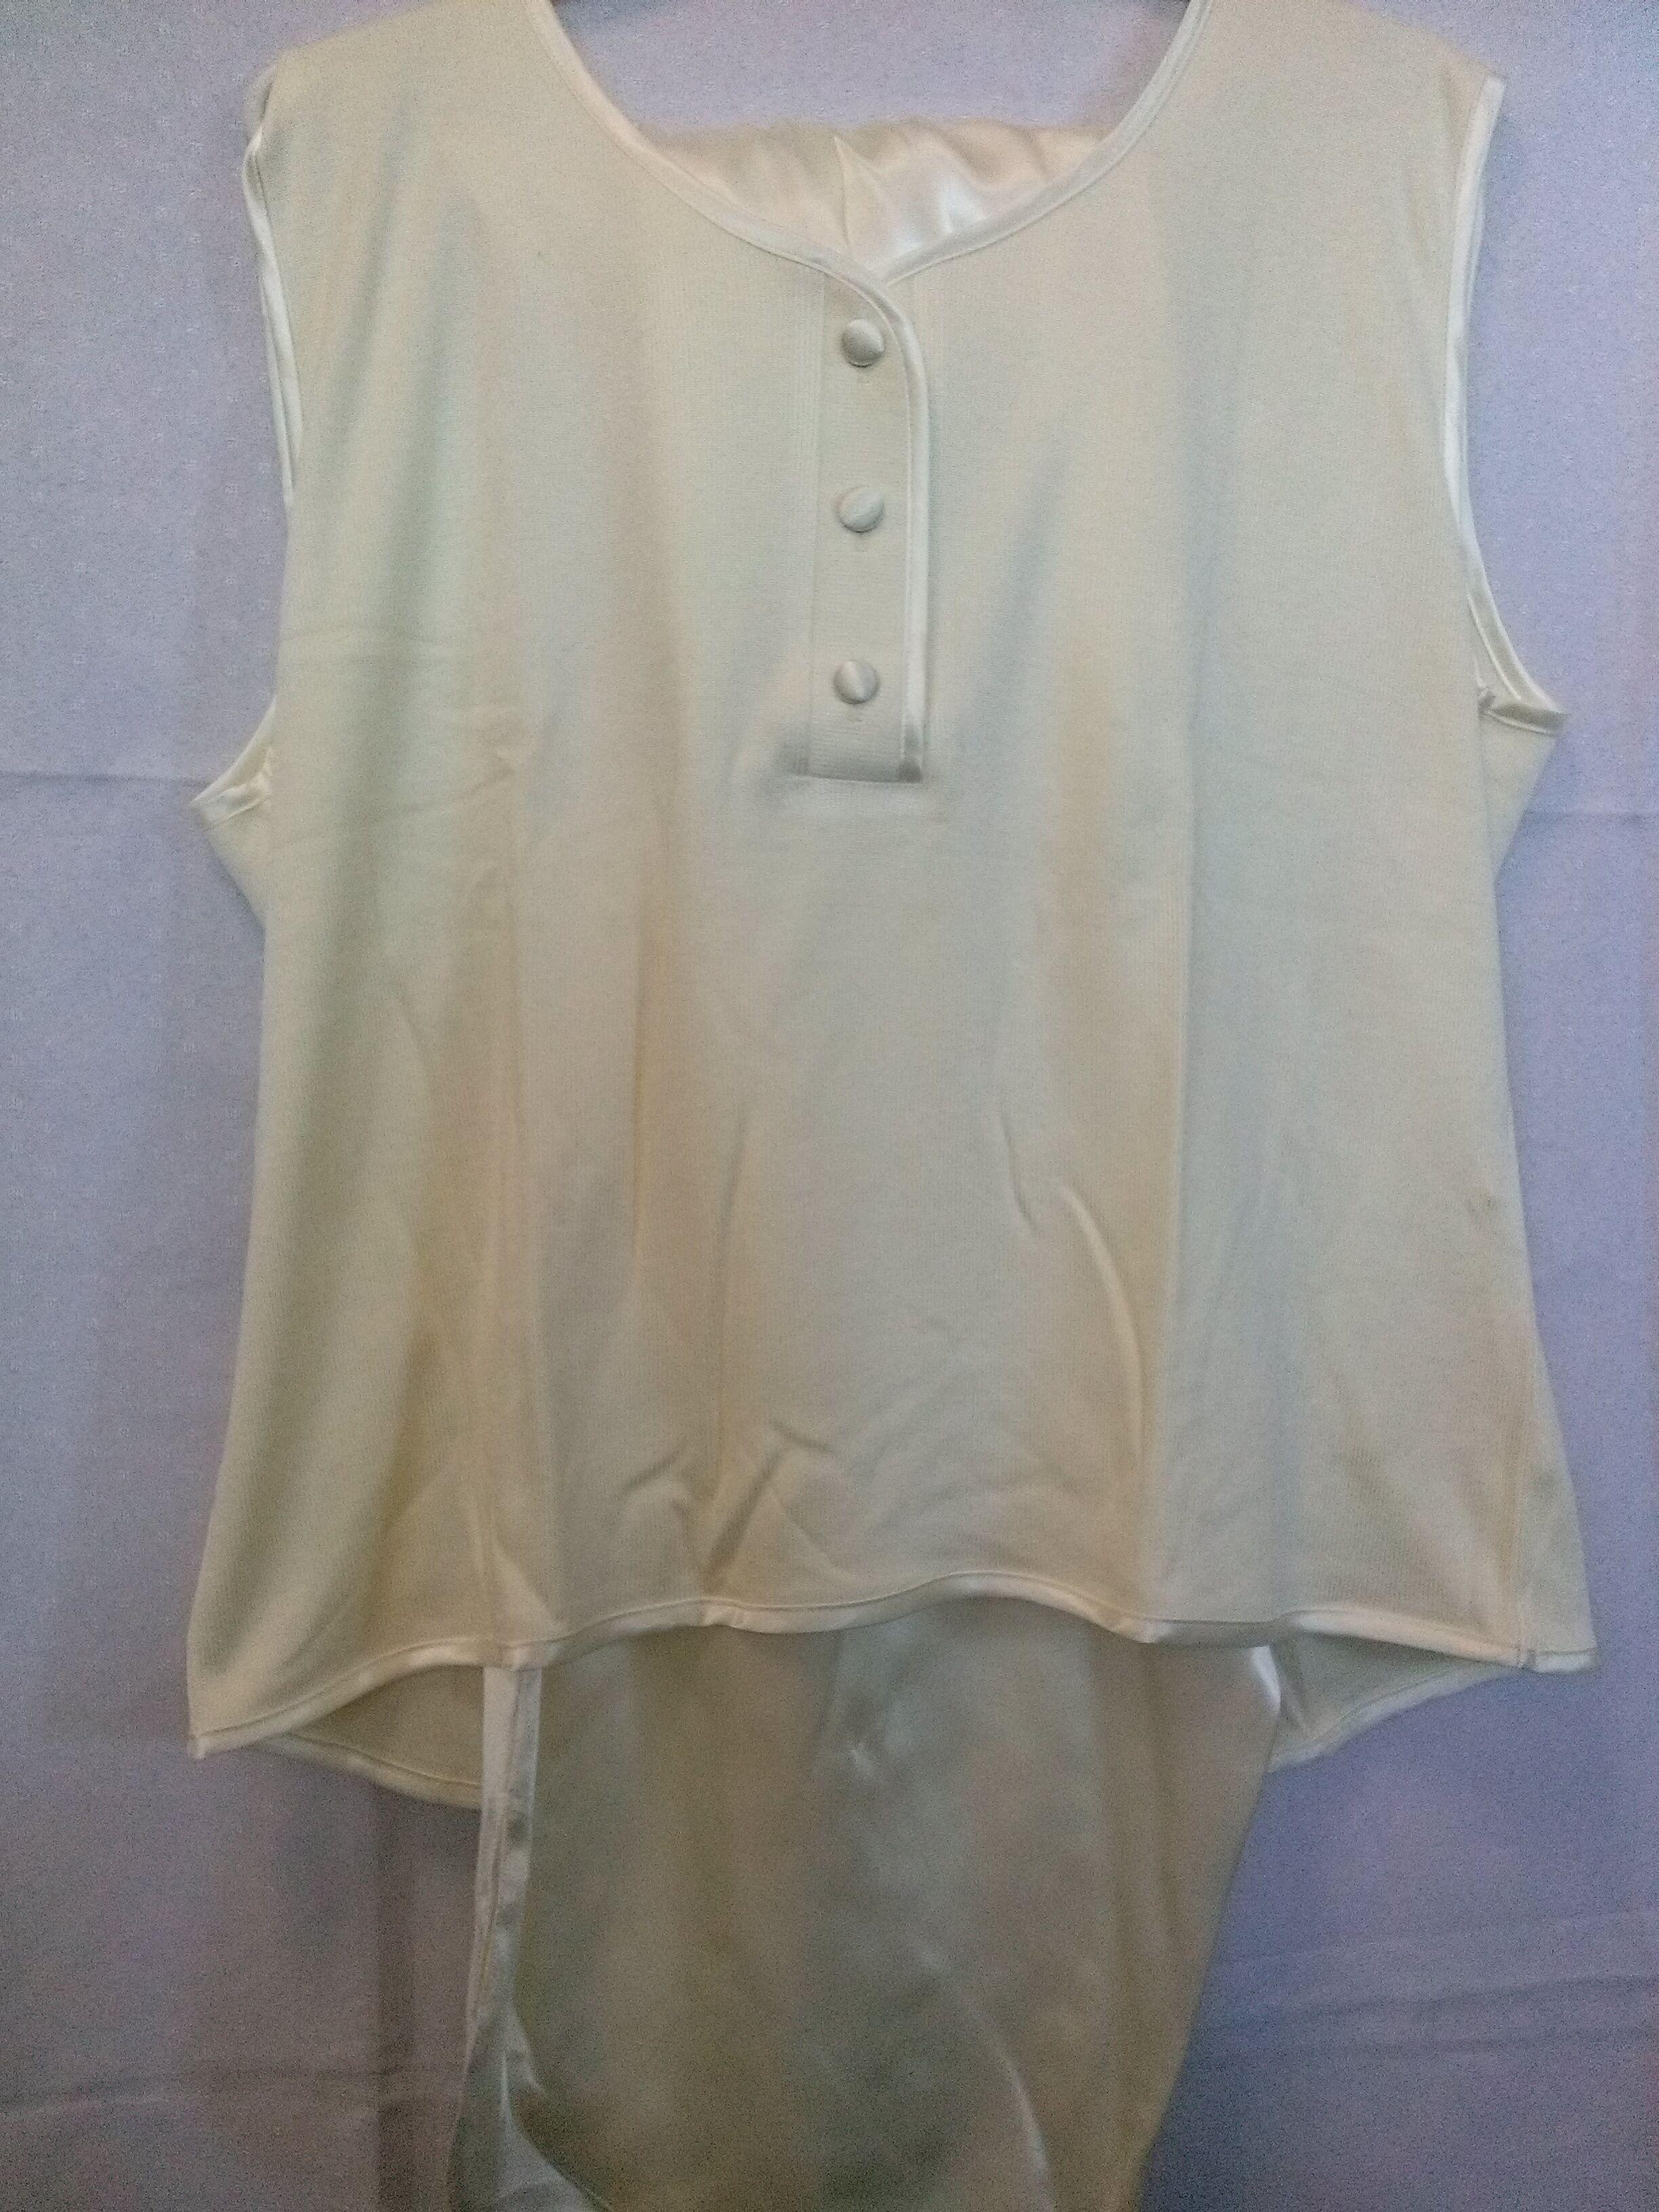 Piżama damska krótka satynowa 113 rozmiar XL kremowa z wiskozą Niska cena!!!